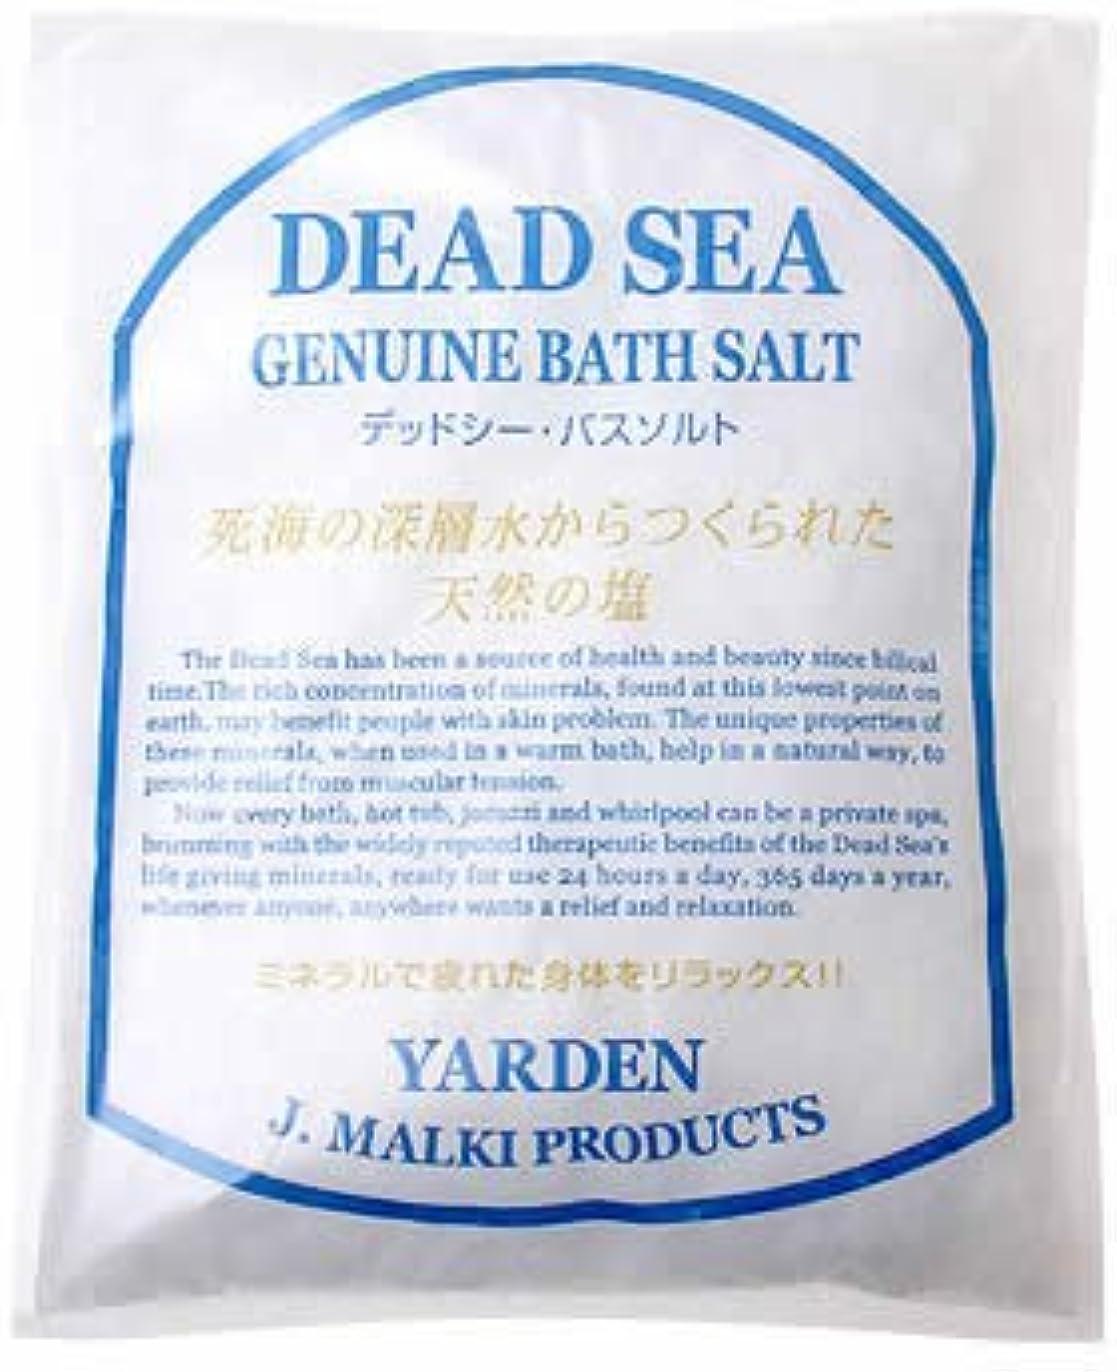 壊滅的な制裁一致するJ.M デッドシー?バスソルト(GENUINE BATH SALT) 100g